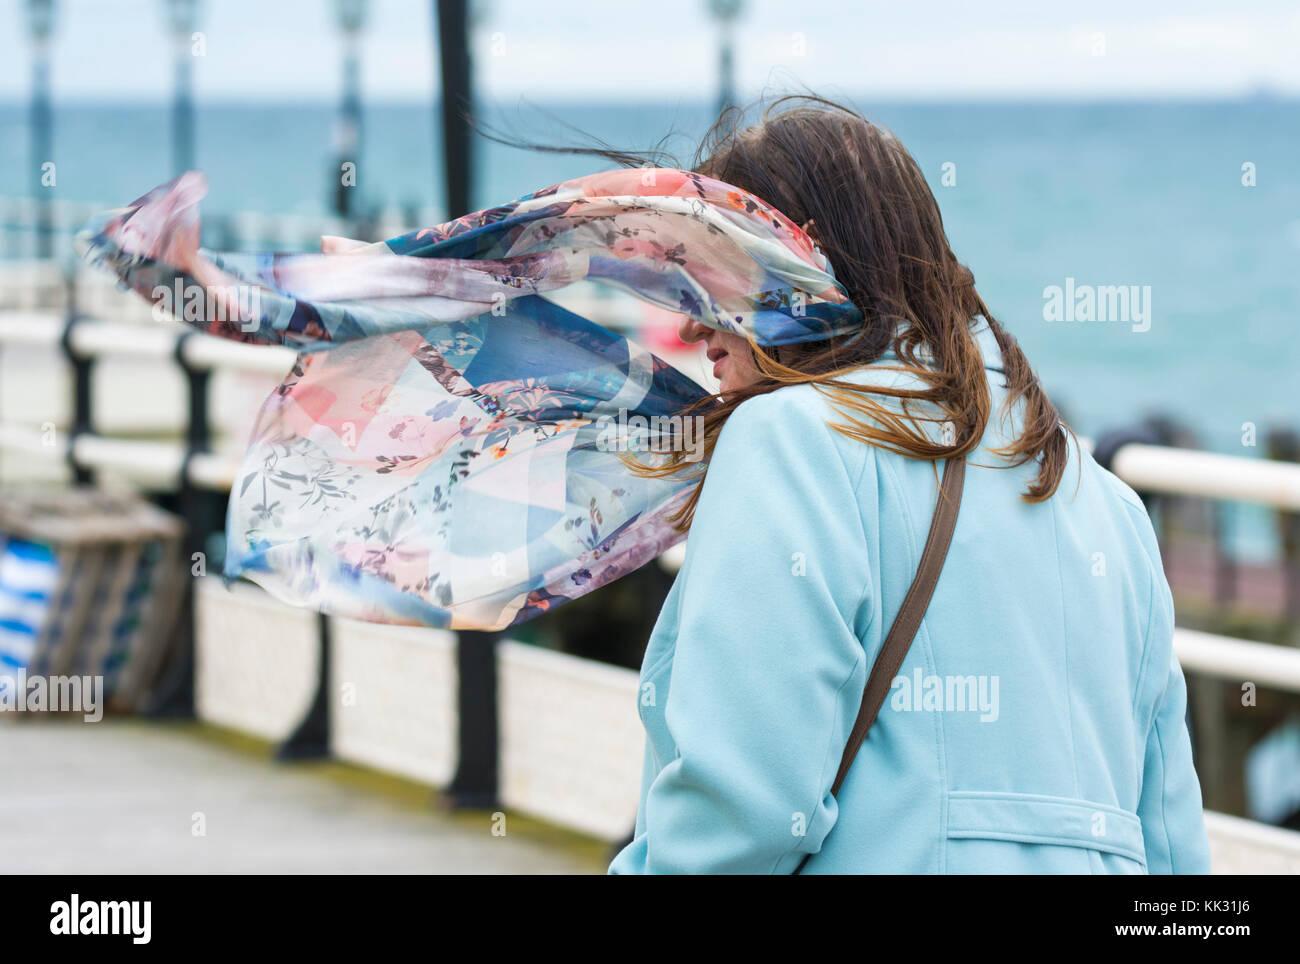 Femme marche sur un jour de vent en automne avec un manteau et écharpe, au vent, au Royaume-Uni. Photo Stock